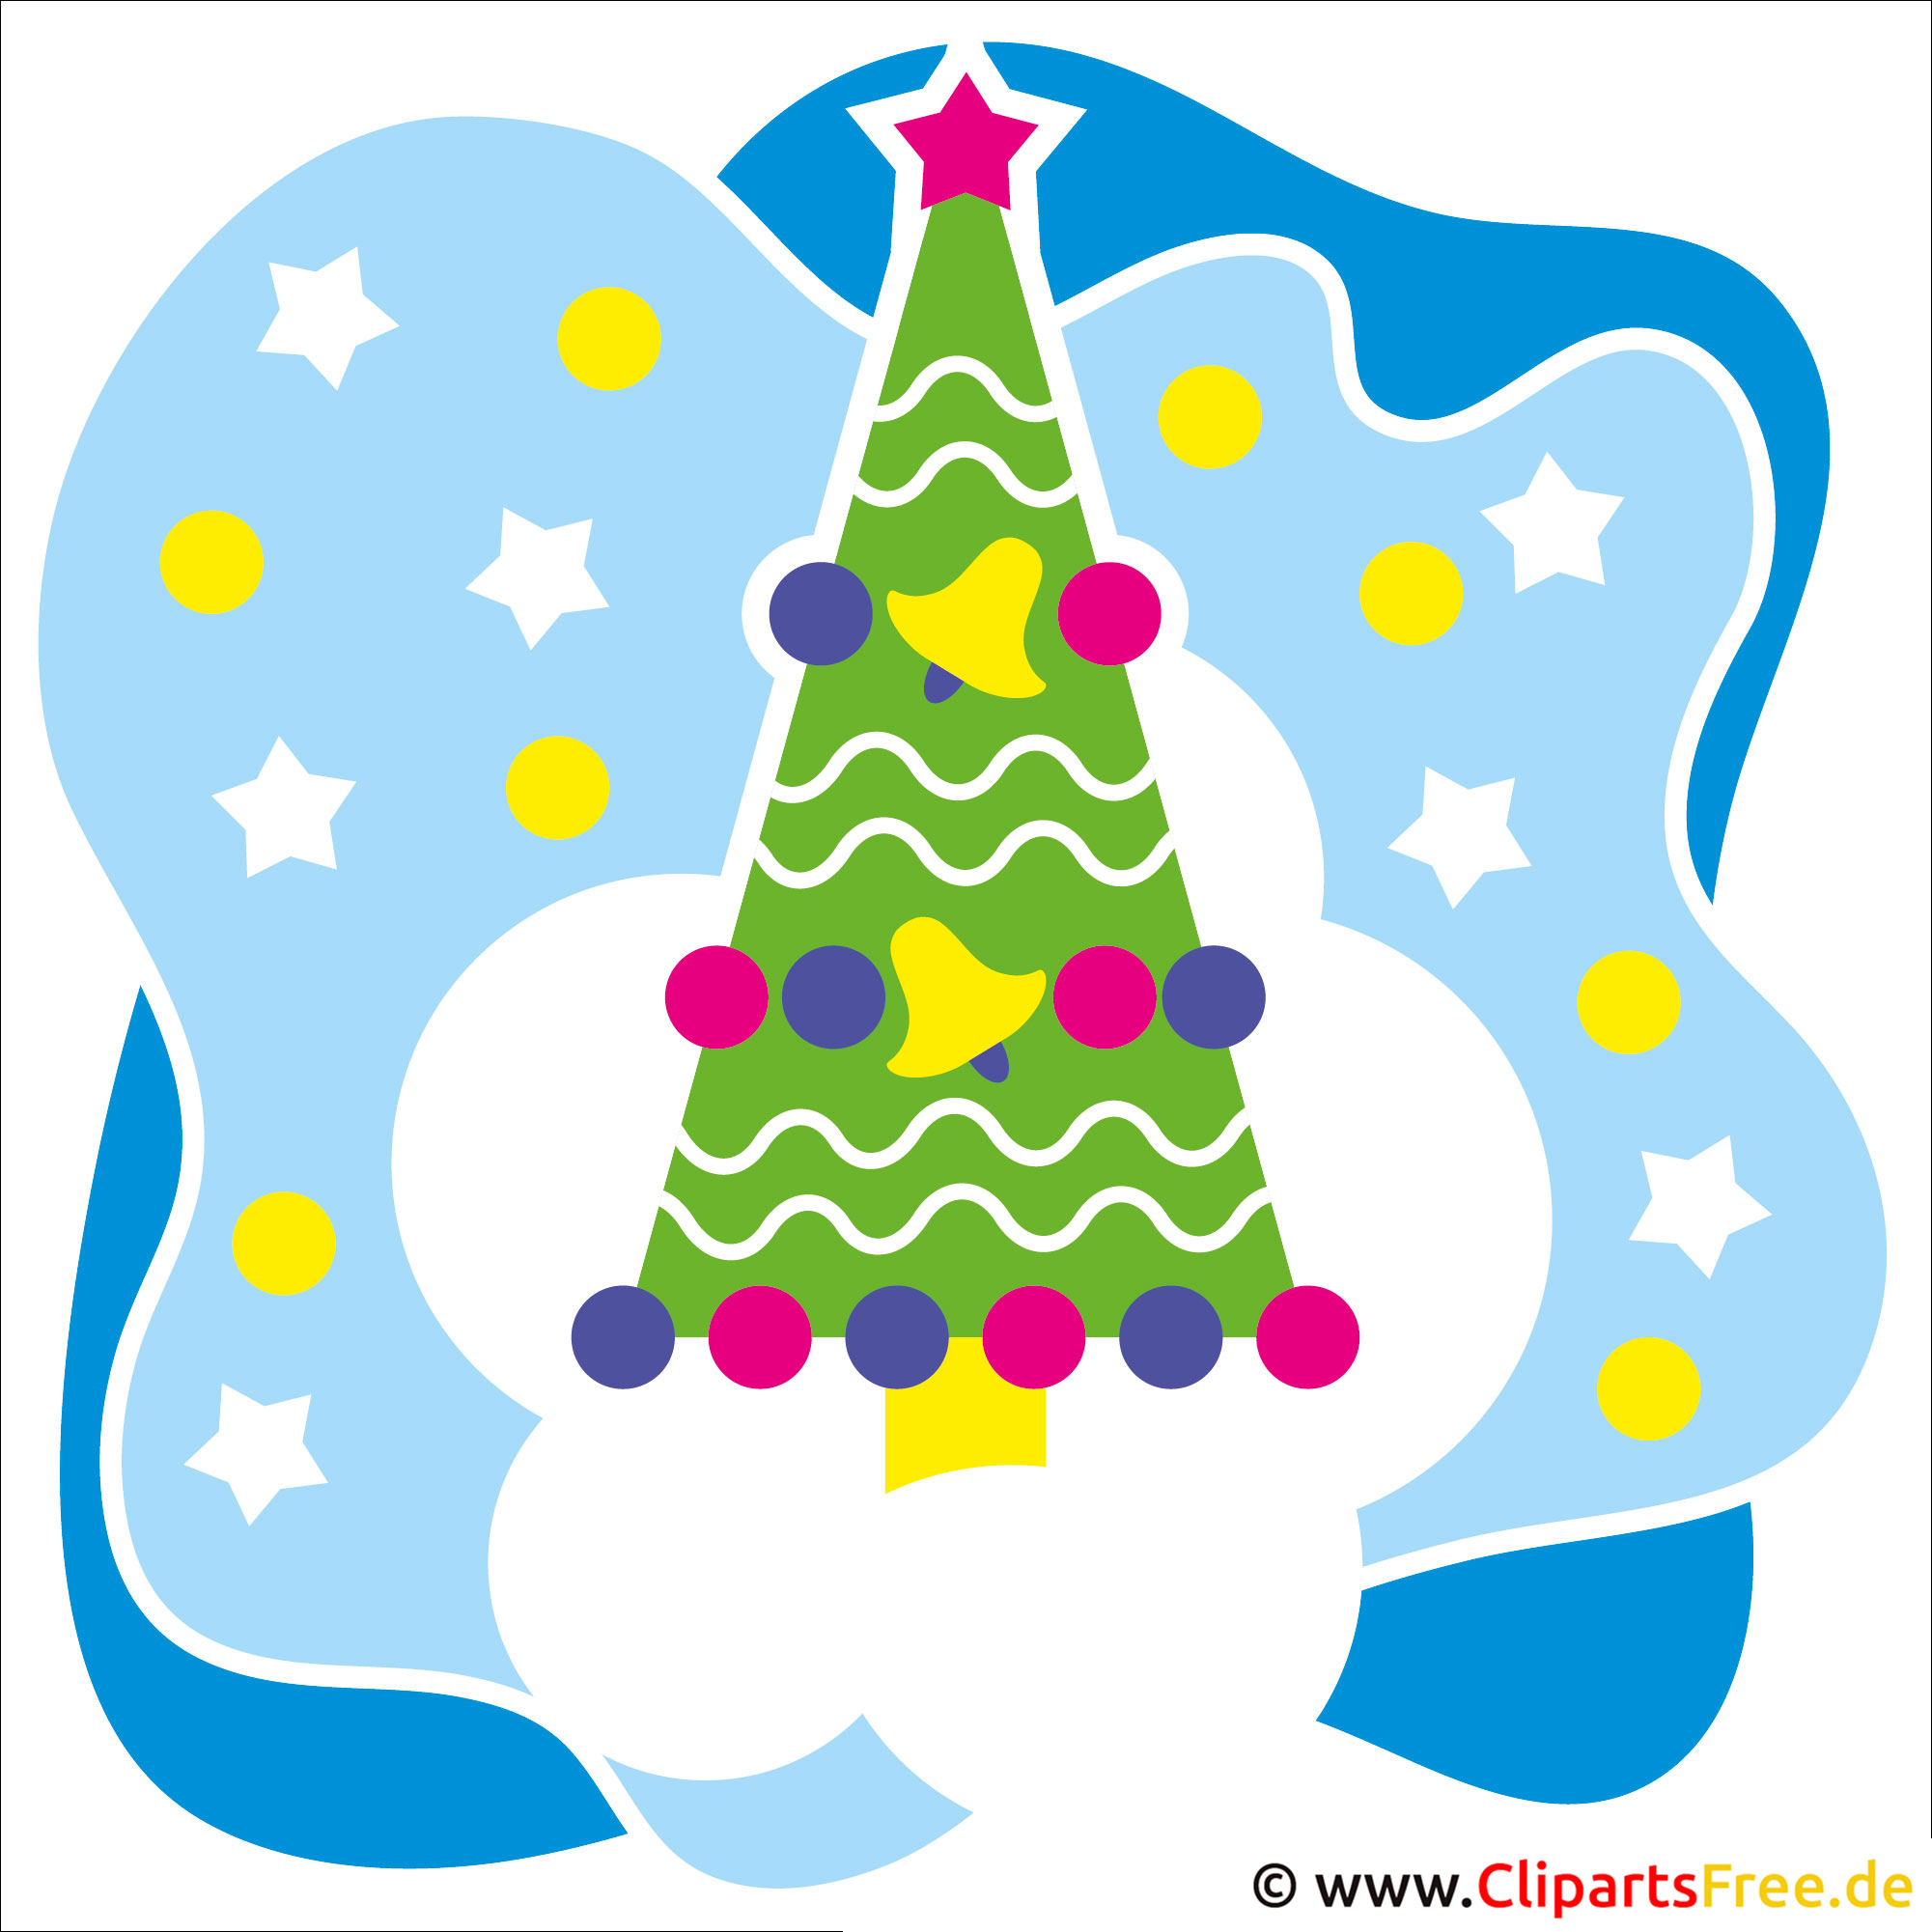 Clipart Frohe Weihnachten kostenlos